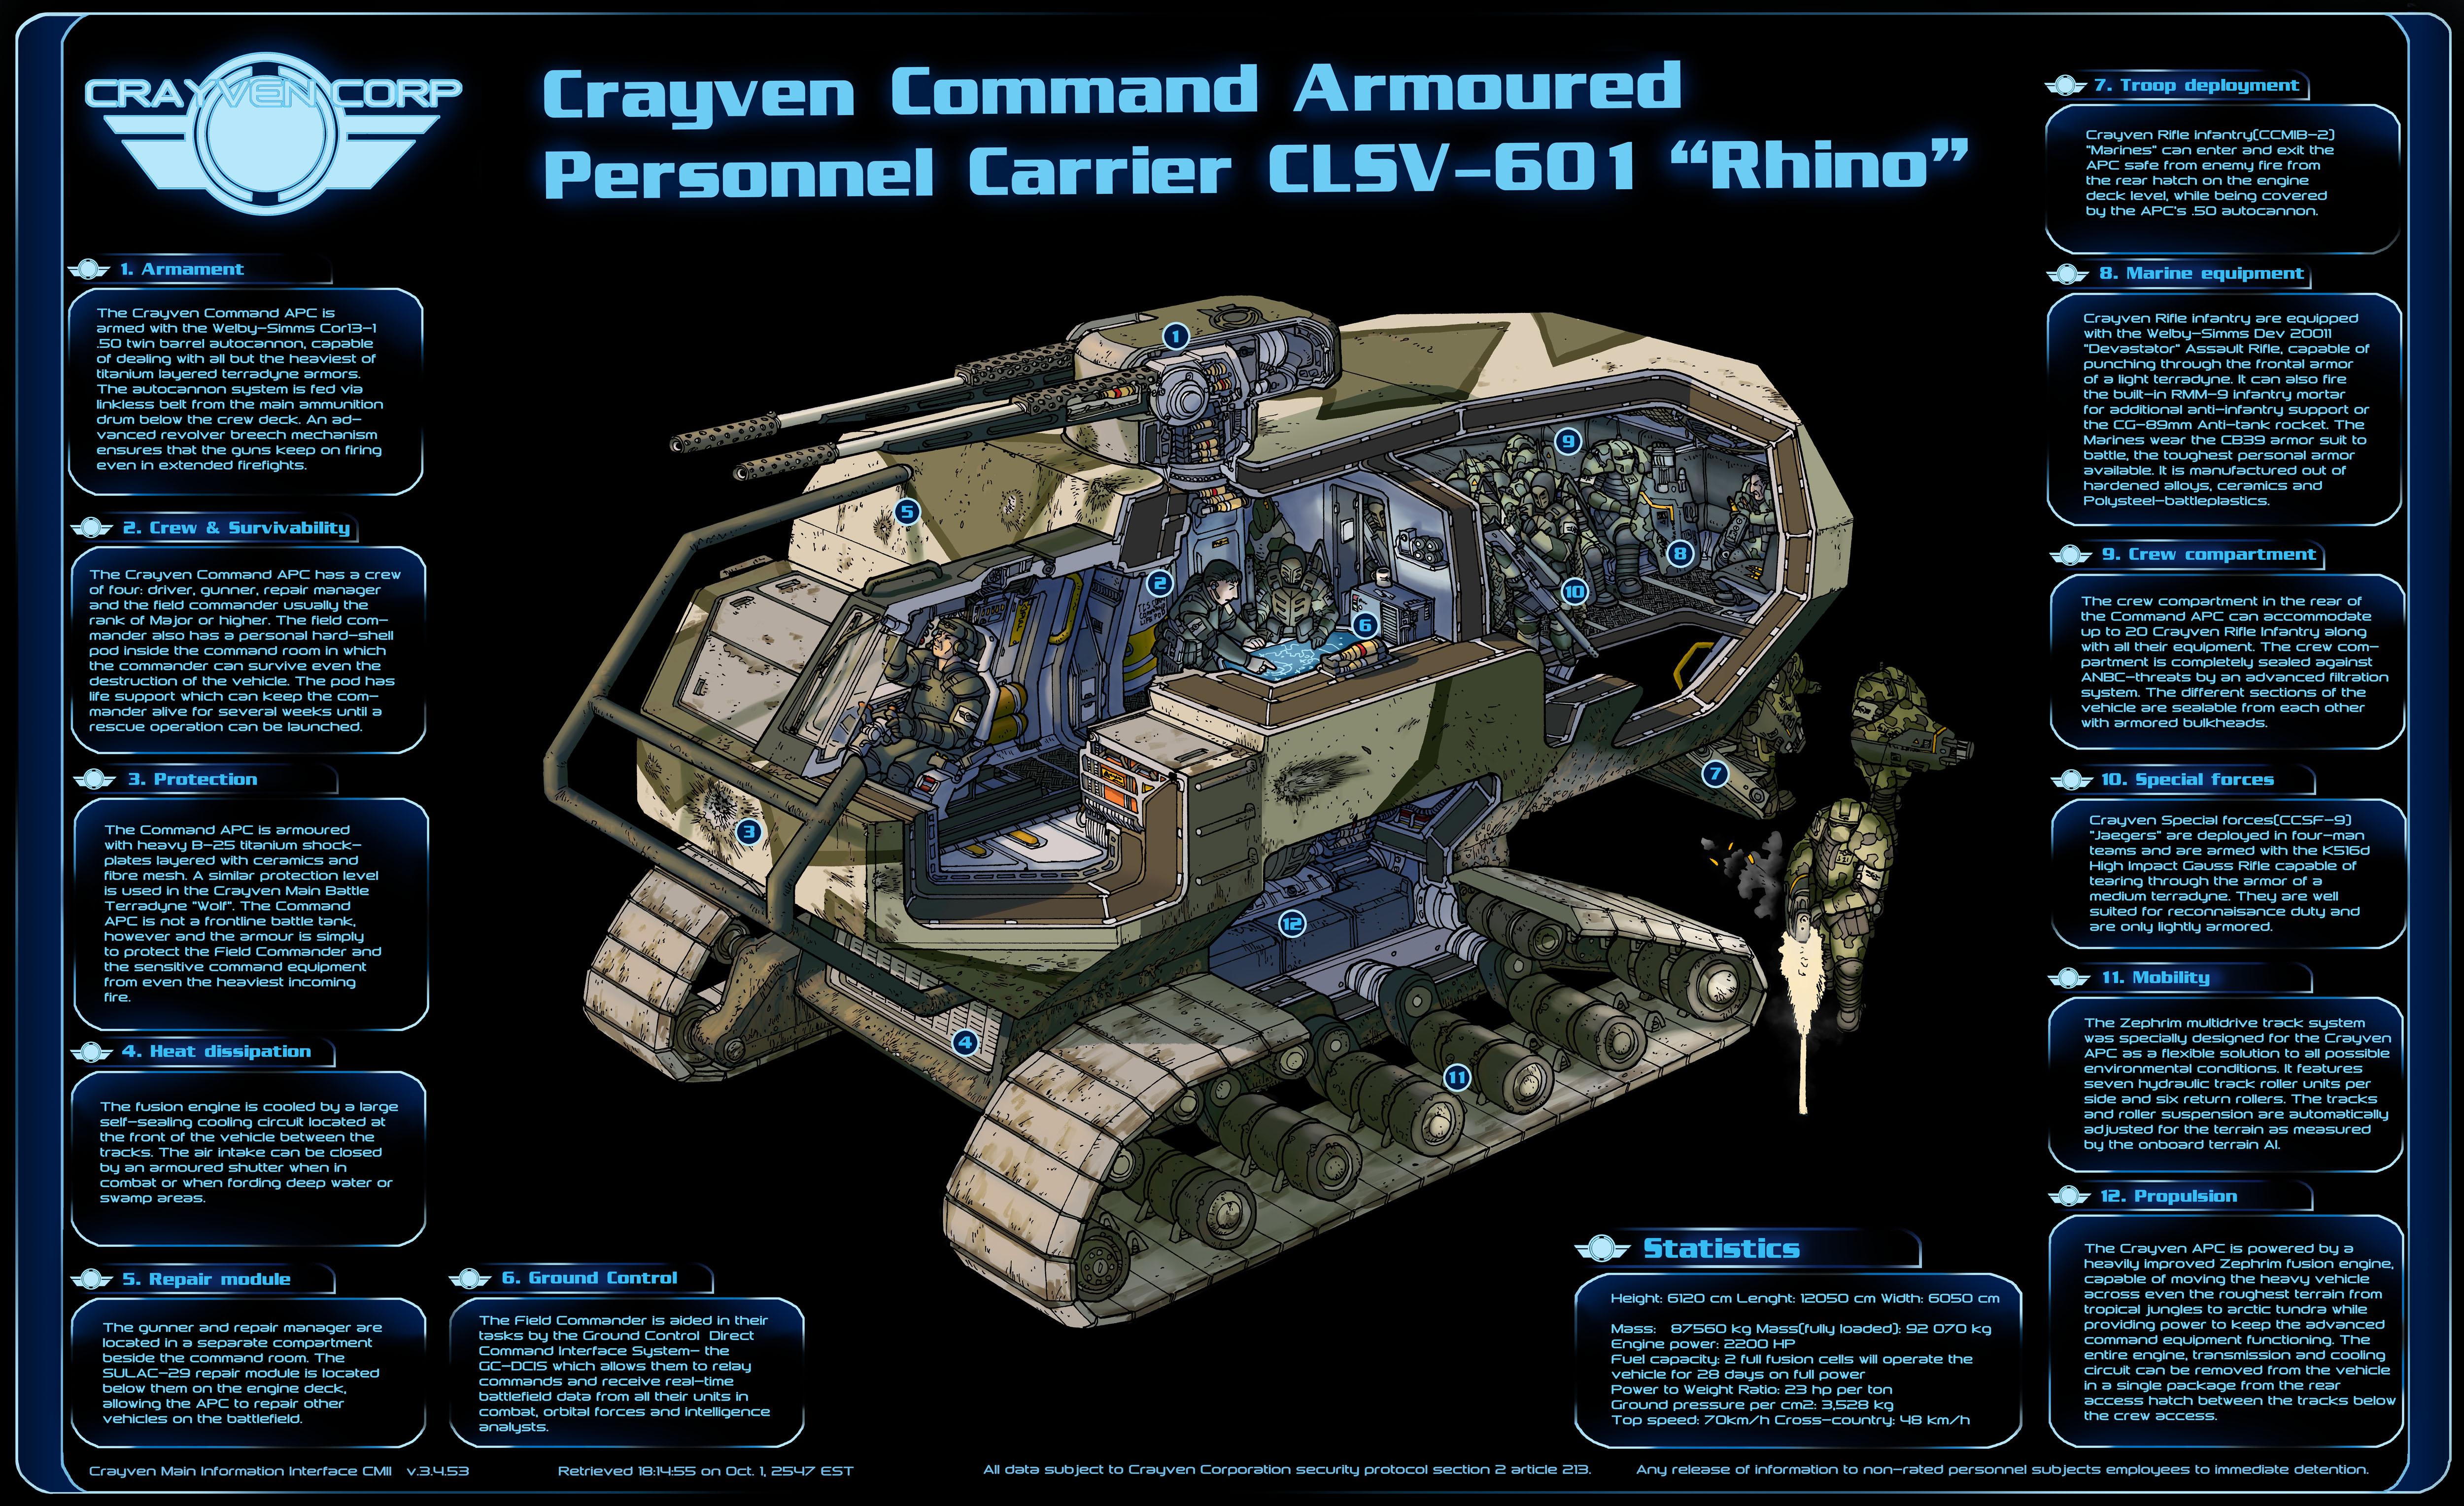 Crayven Command APC Cross-section